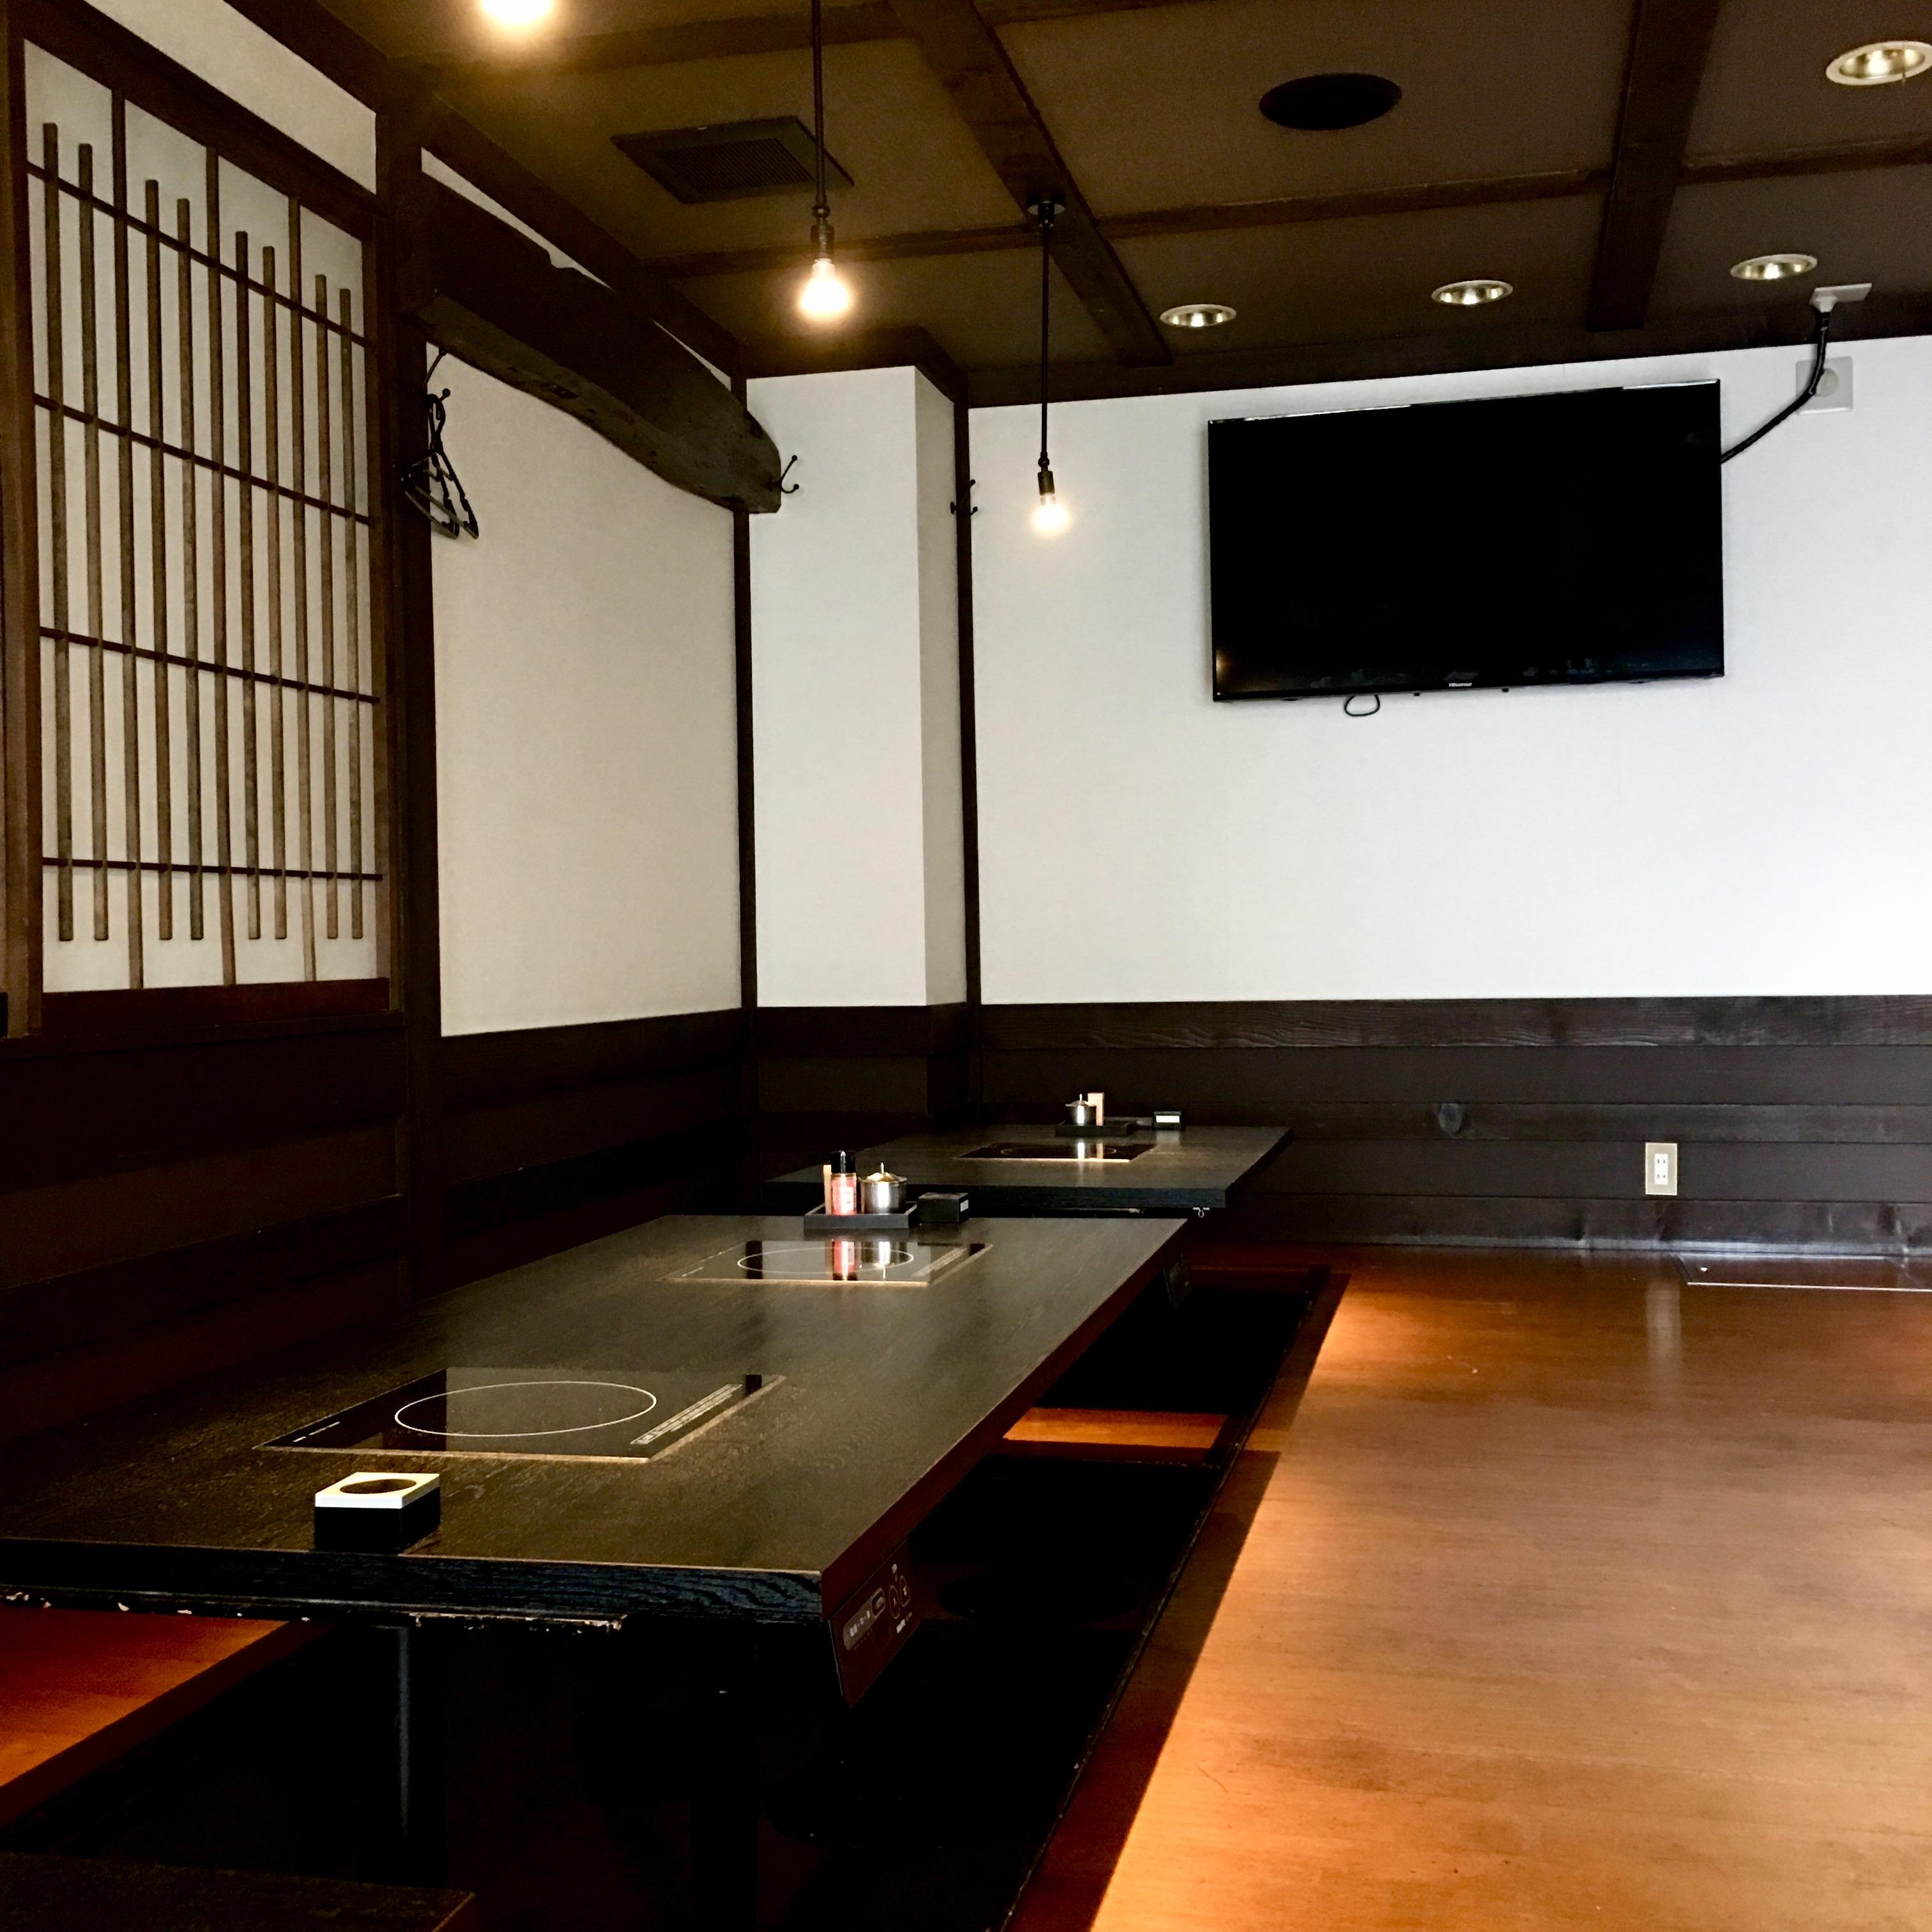 大型テレビ付きの大広間